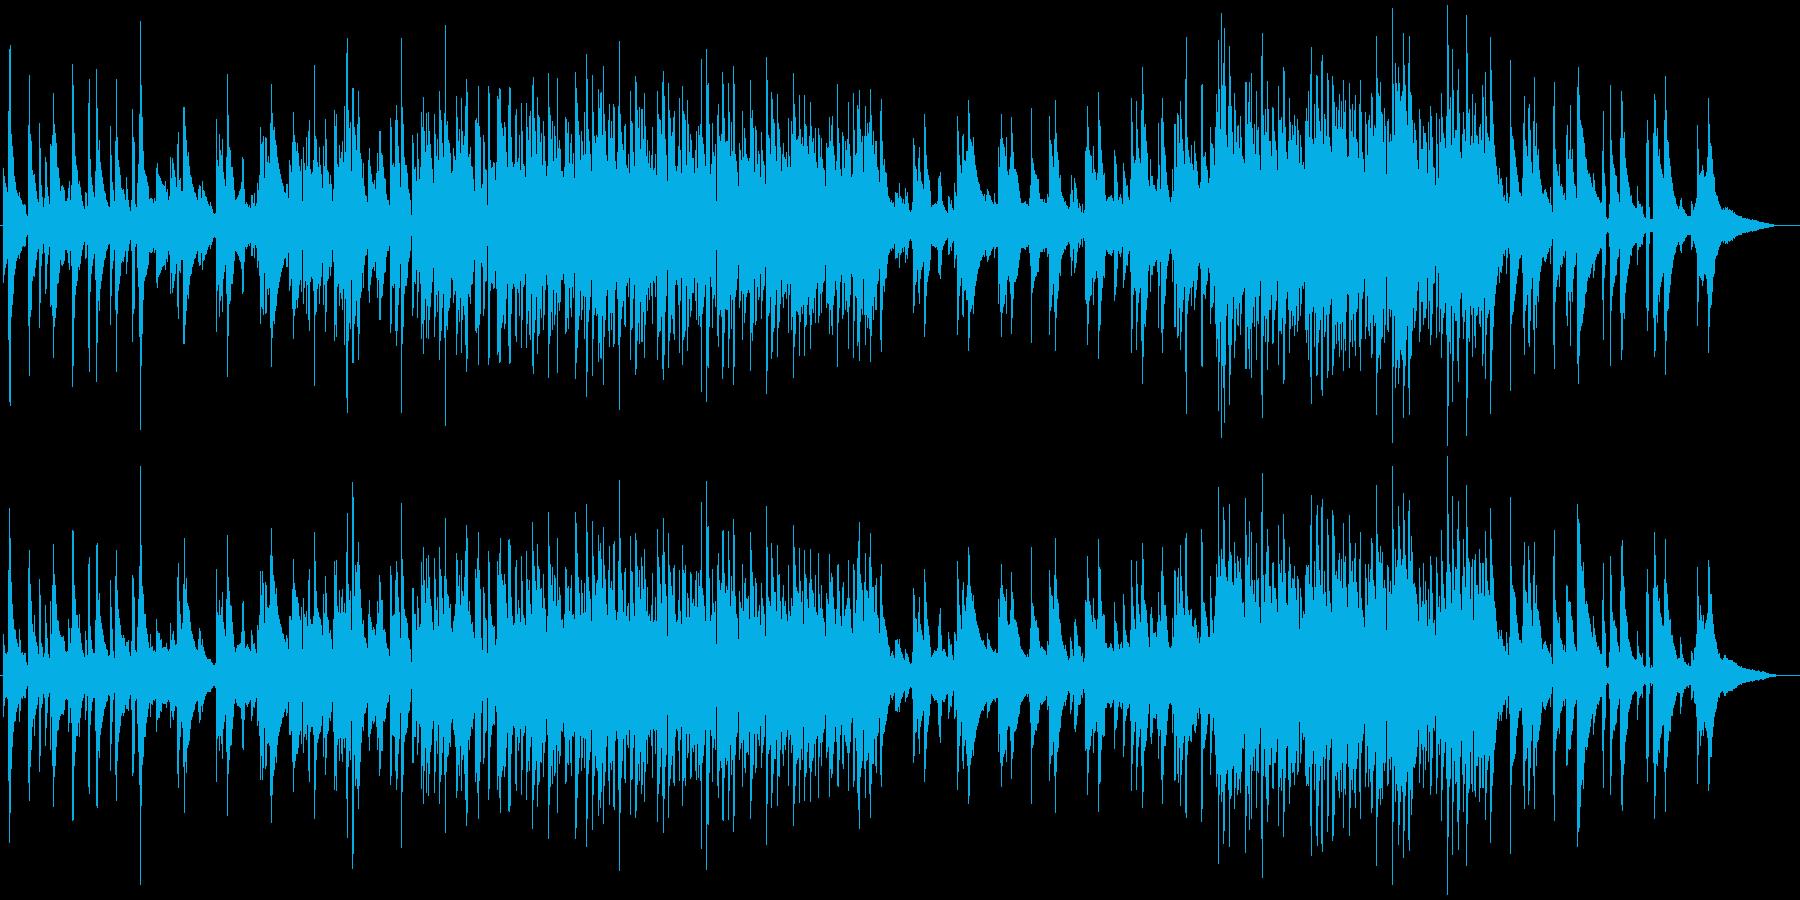 しっとりおしゃれで聴き心地の良いジャズの再生済みの波形